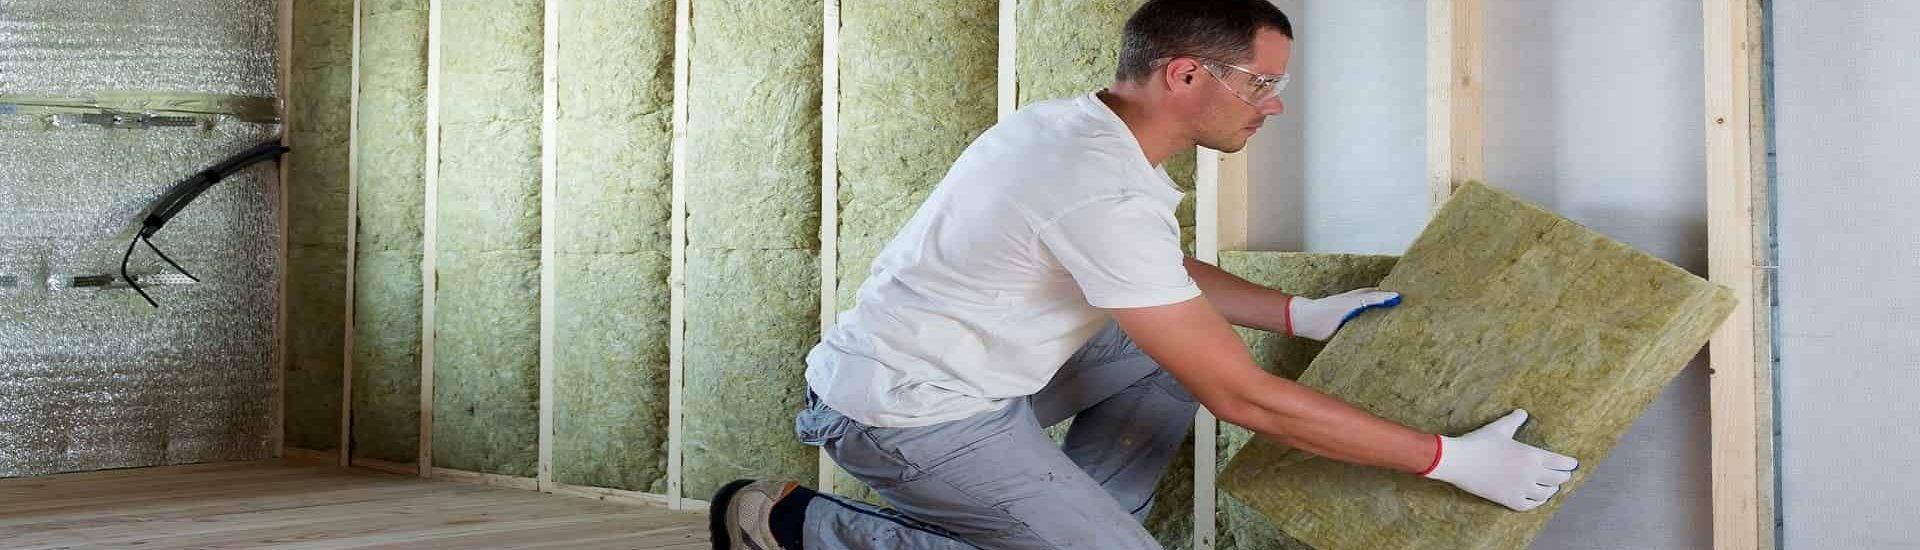 Indvendig isolering af vægge